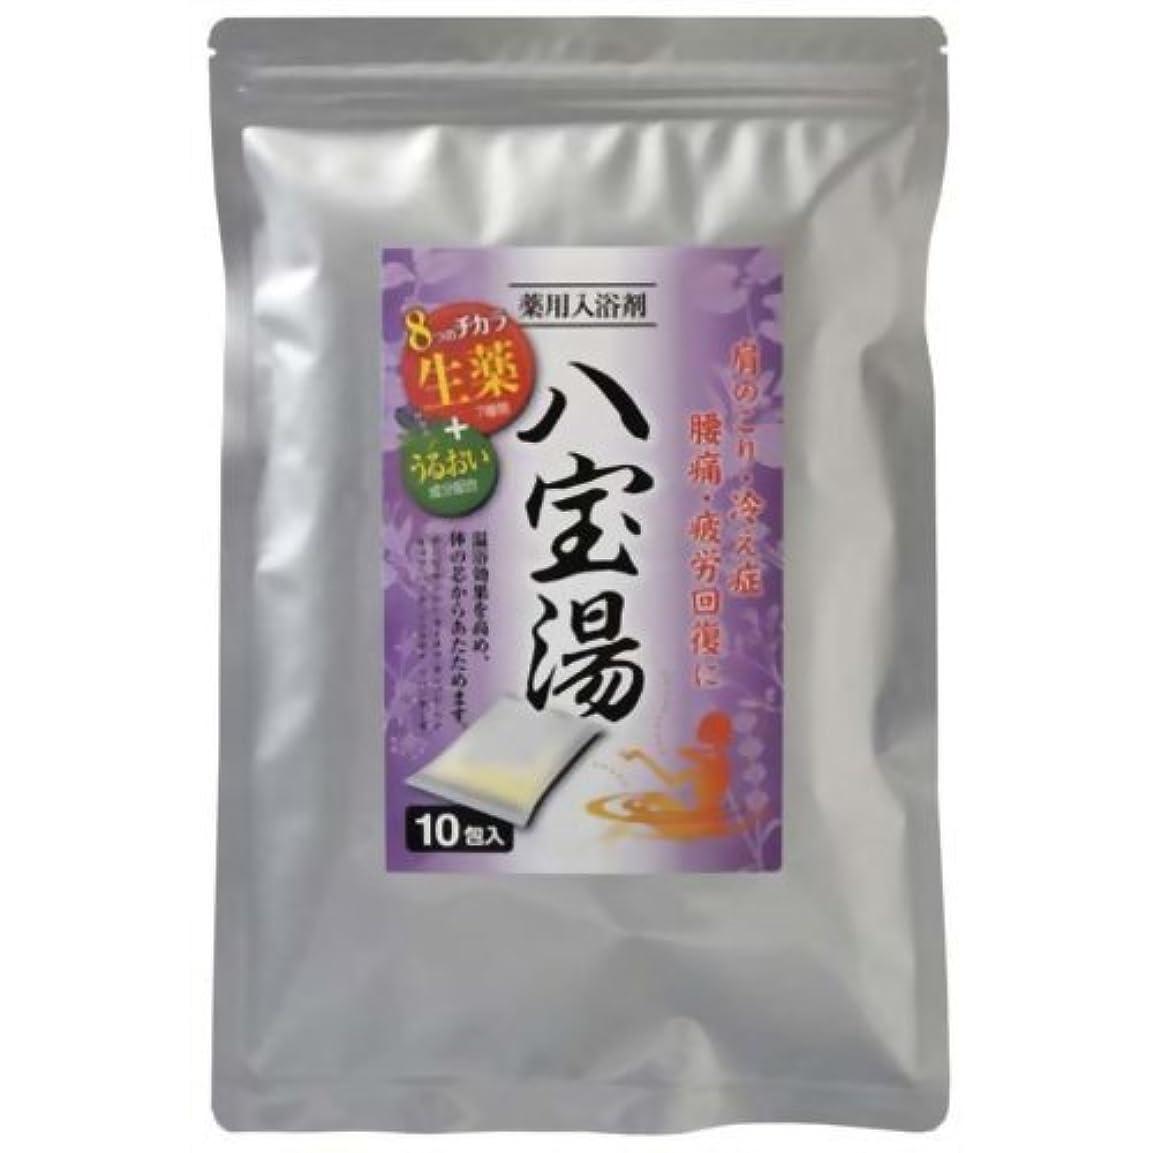 薬用入浴剤 八宝湯 ラベンダーの香り 10包 医薬部外品